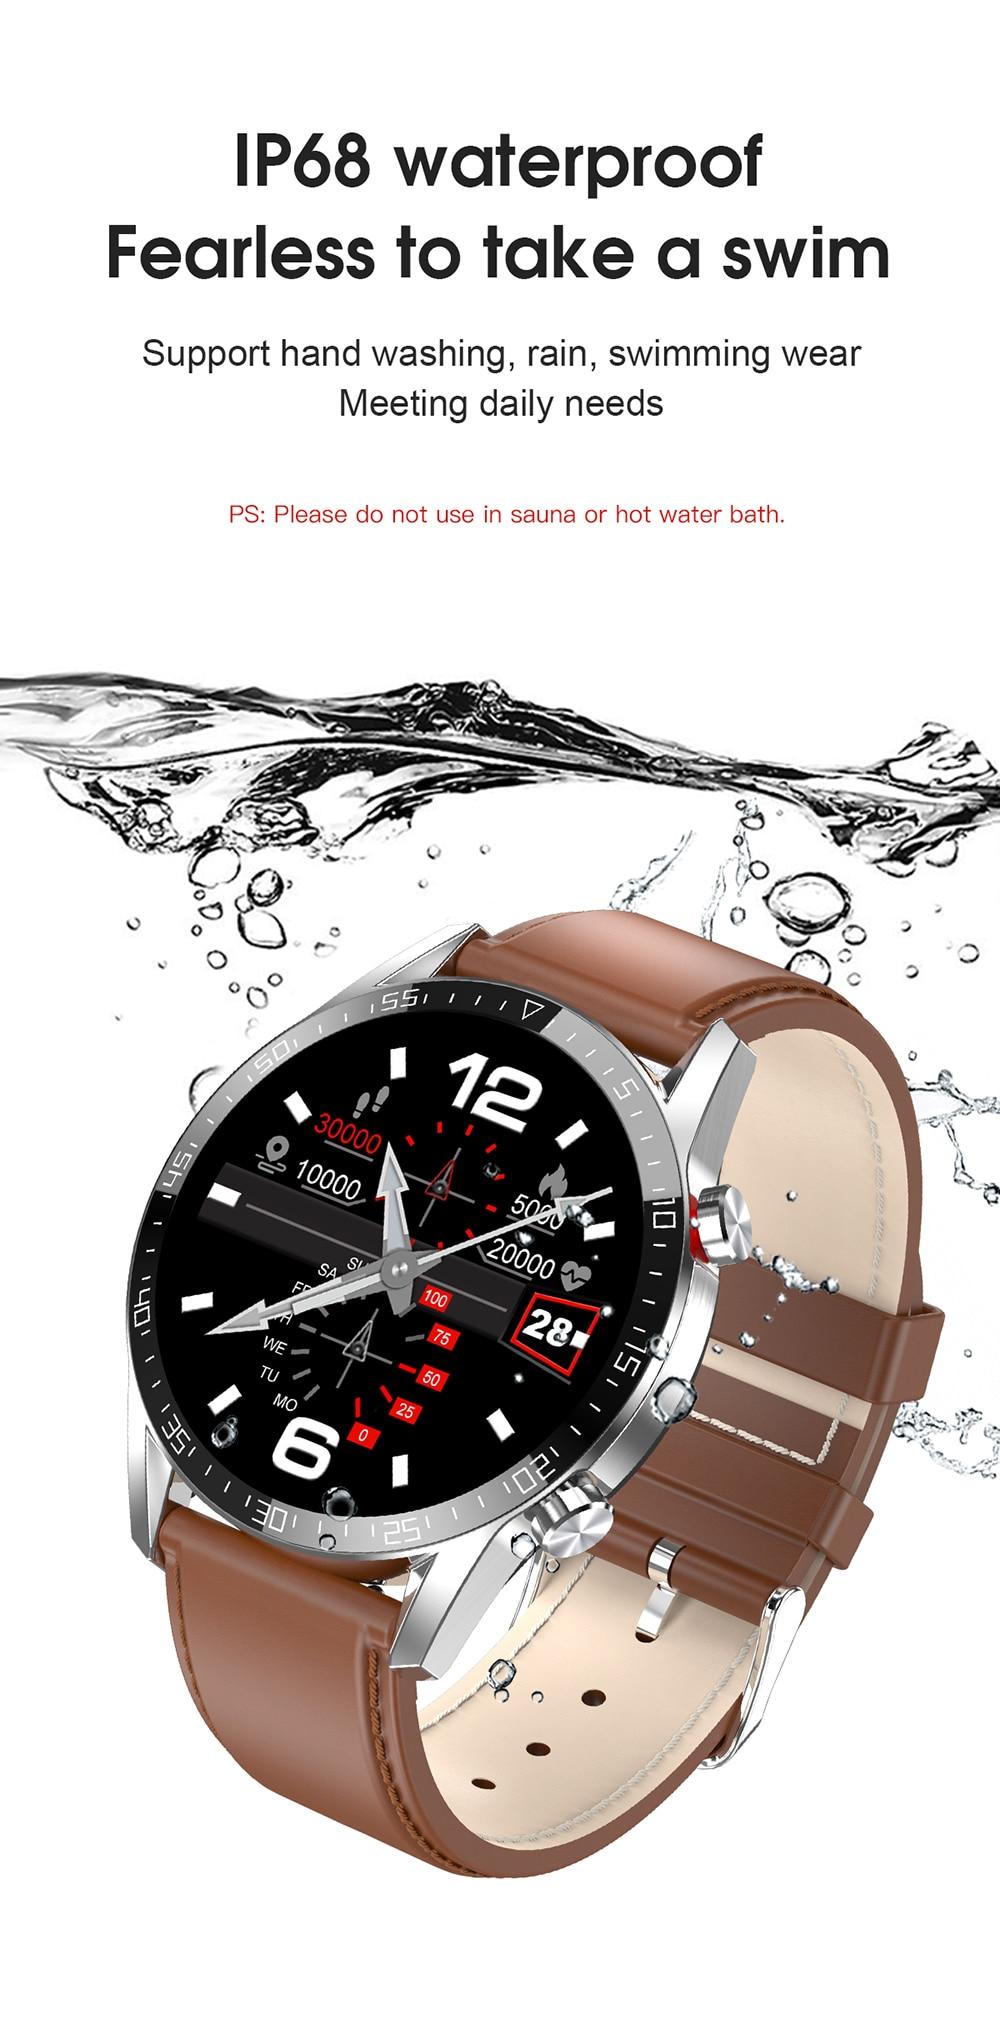 Hf7eb475f0f8f467fb1a55faf97dc11c97 For Phone Xiaomi Android IOS Reloj Inteligente Hombre Smartwatch Men 2021 Android IP68 Smartwatch Answer Call Smart Watch Man